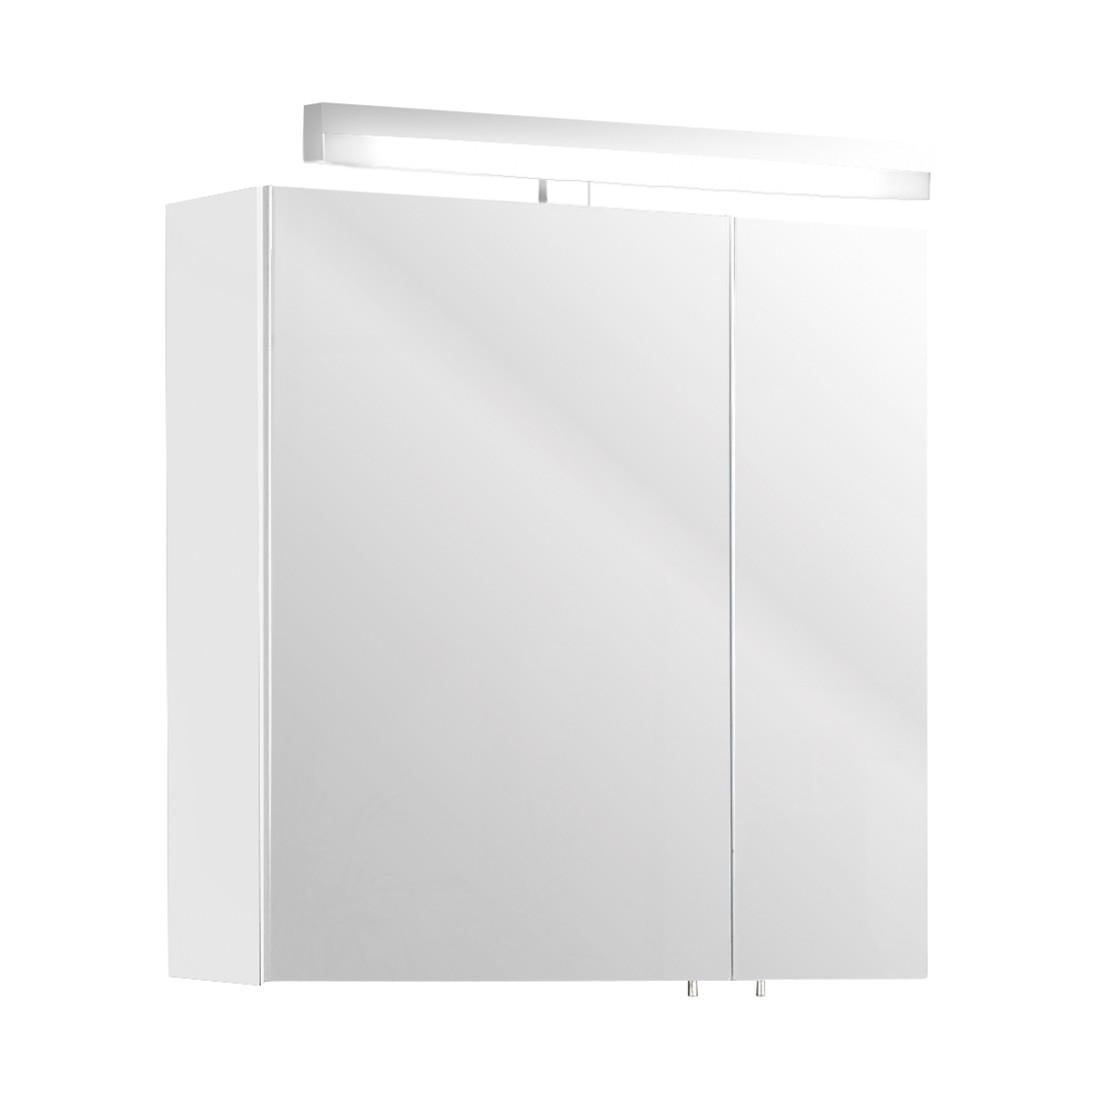 Spiegelschrank Genf – Weiß, Giessbach online bestellen